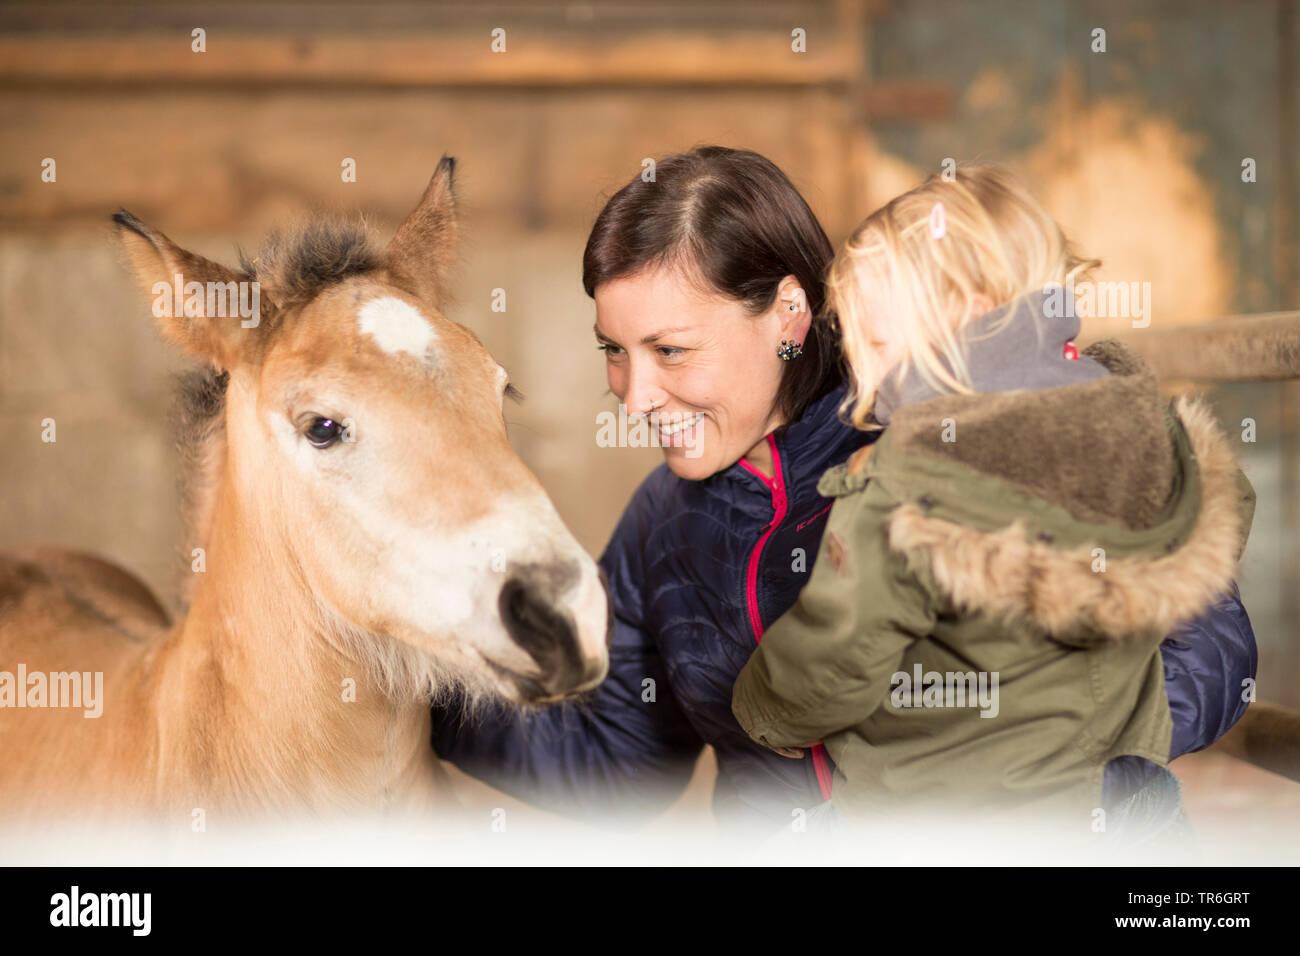 Pferd (Equus przewalskii f. caballus), Mutter mit kleinem Maedchen auf dem Arm besucht ein Fohlen im Stall, Deutschland   domestic horse (Equus przewa - Stock Image